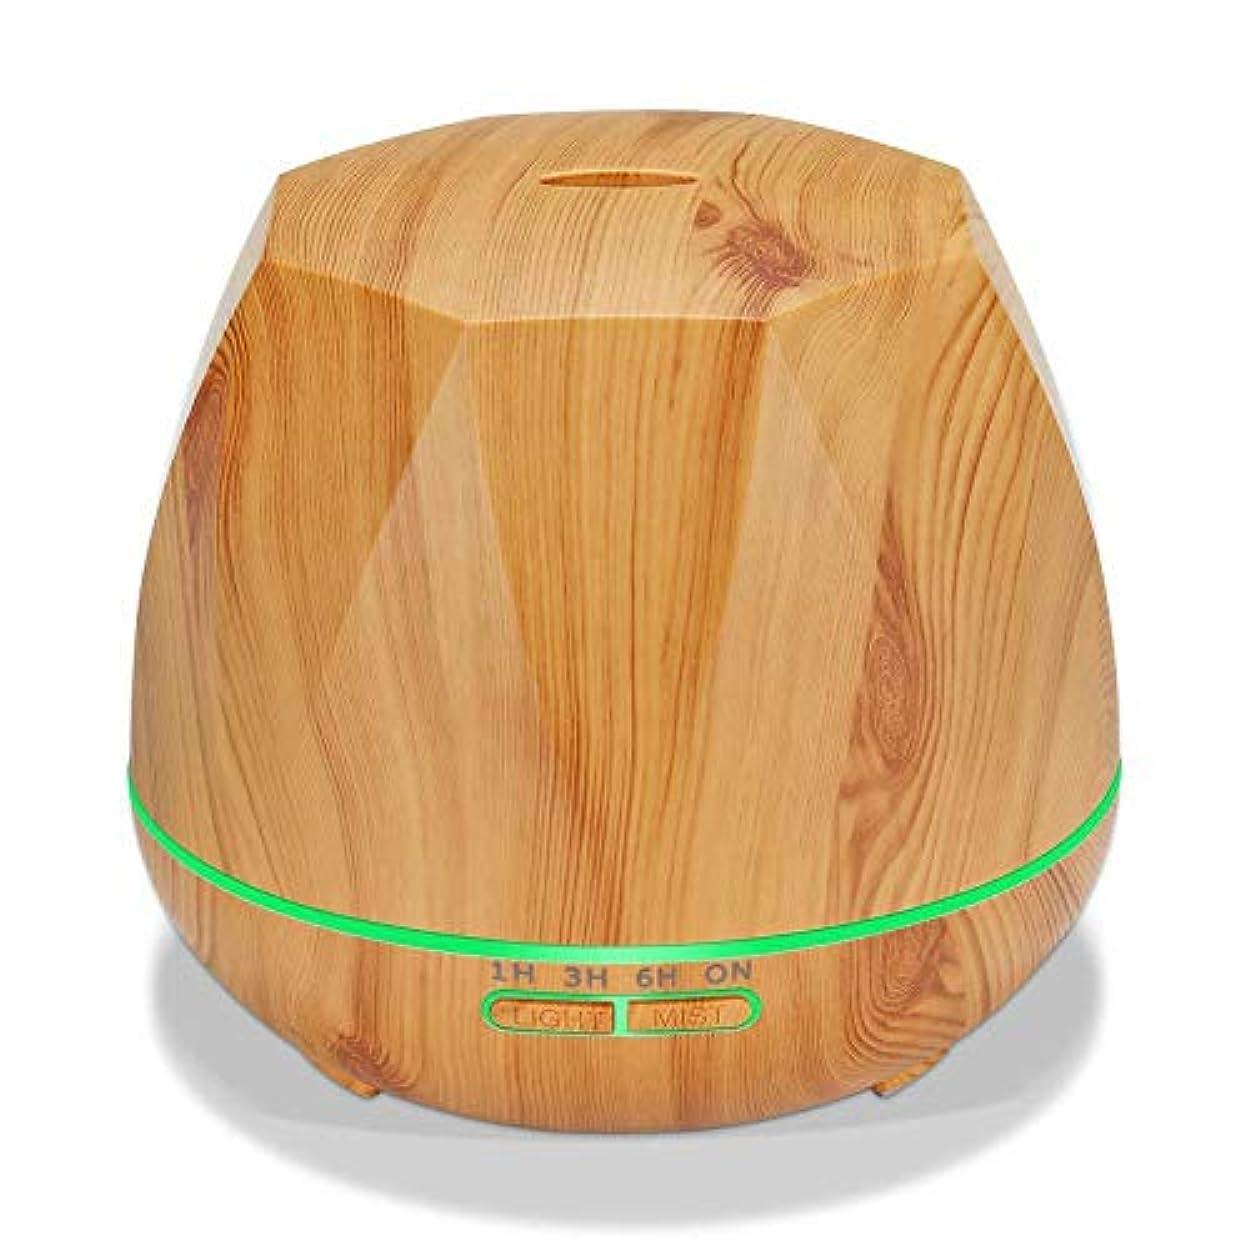 スクラッチ悪夢中庭木目 涼しい霧 加湿器,7 色 空気を浄化 加湿機 時間 デスクトップ 精油 ディフューザー アロマネブライザー Yoga ベッド 寮- 300ml